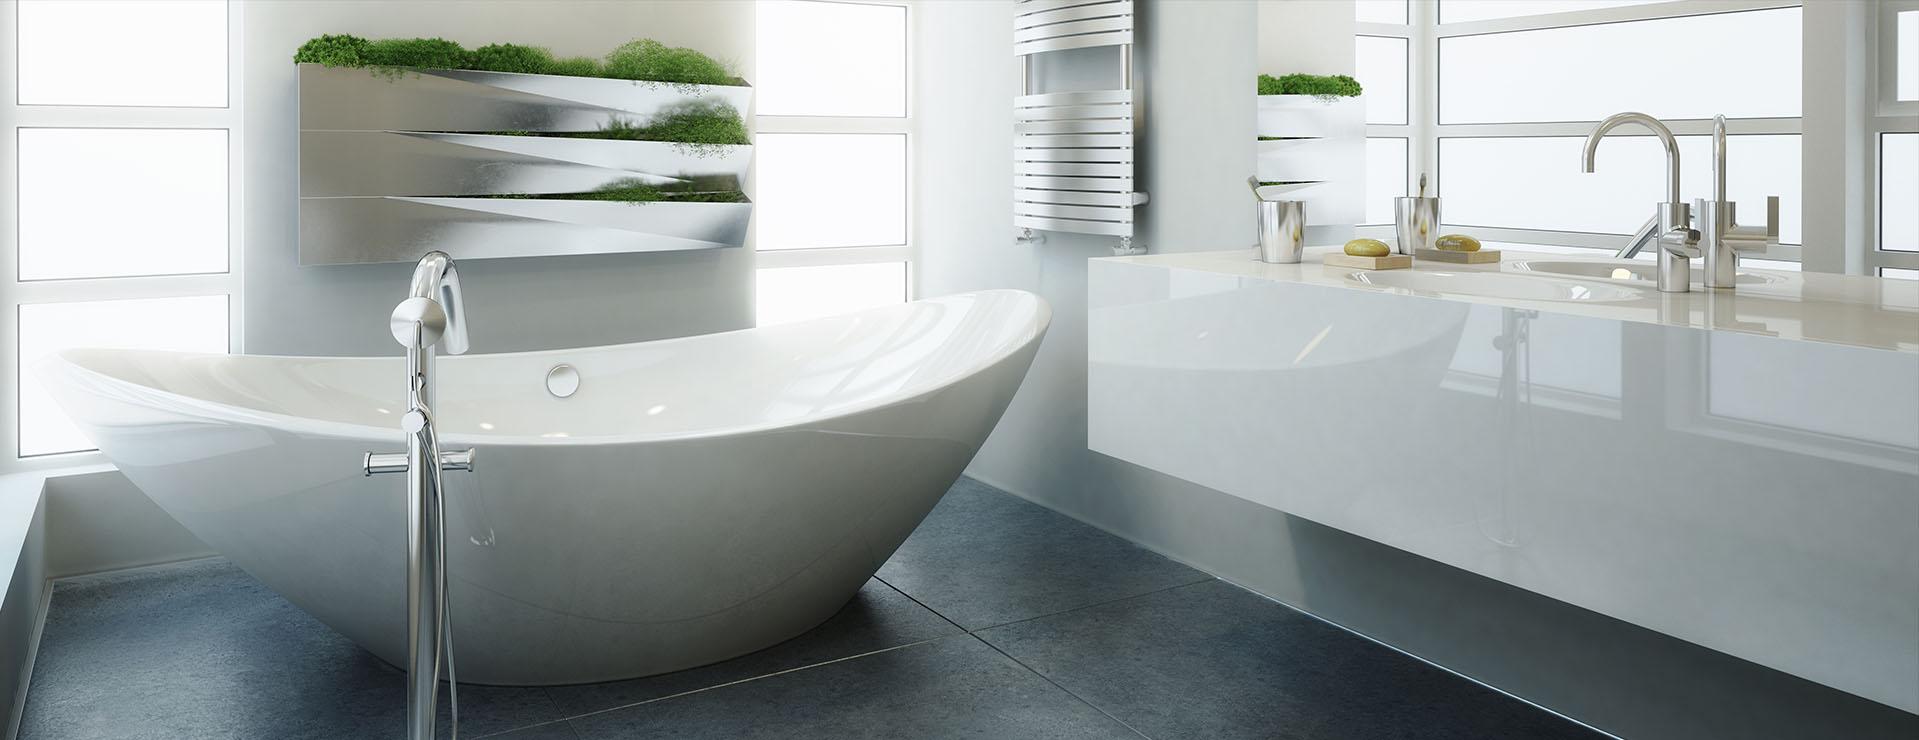 Rossetti-GmbH-Wachtberg-Heizung-Sanitär